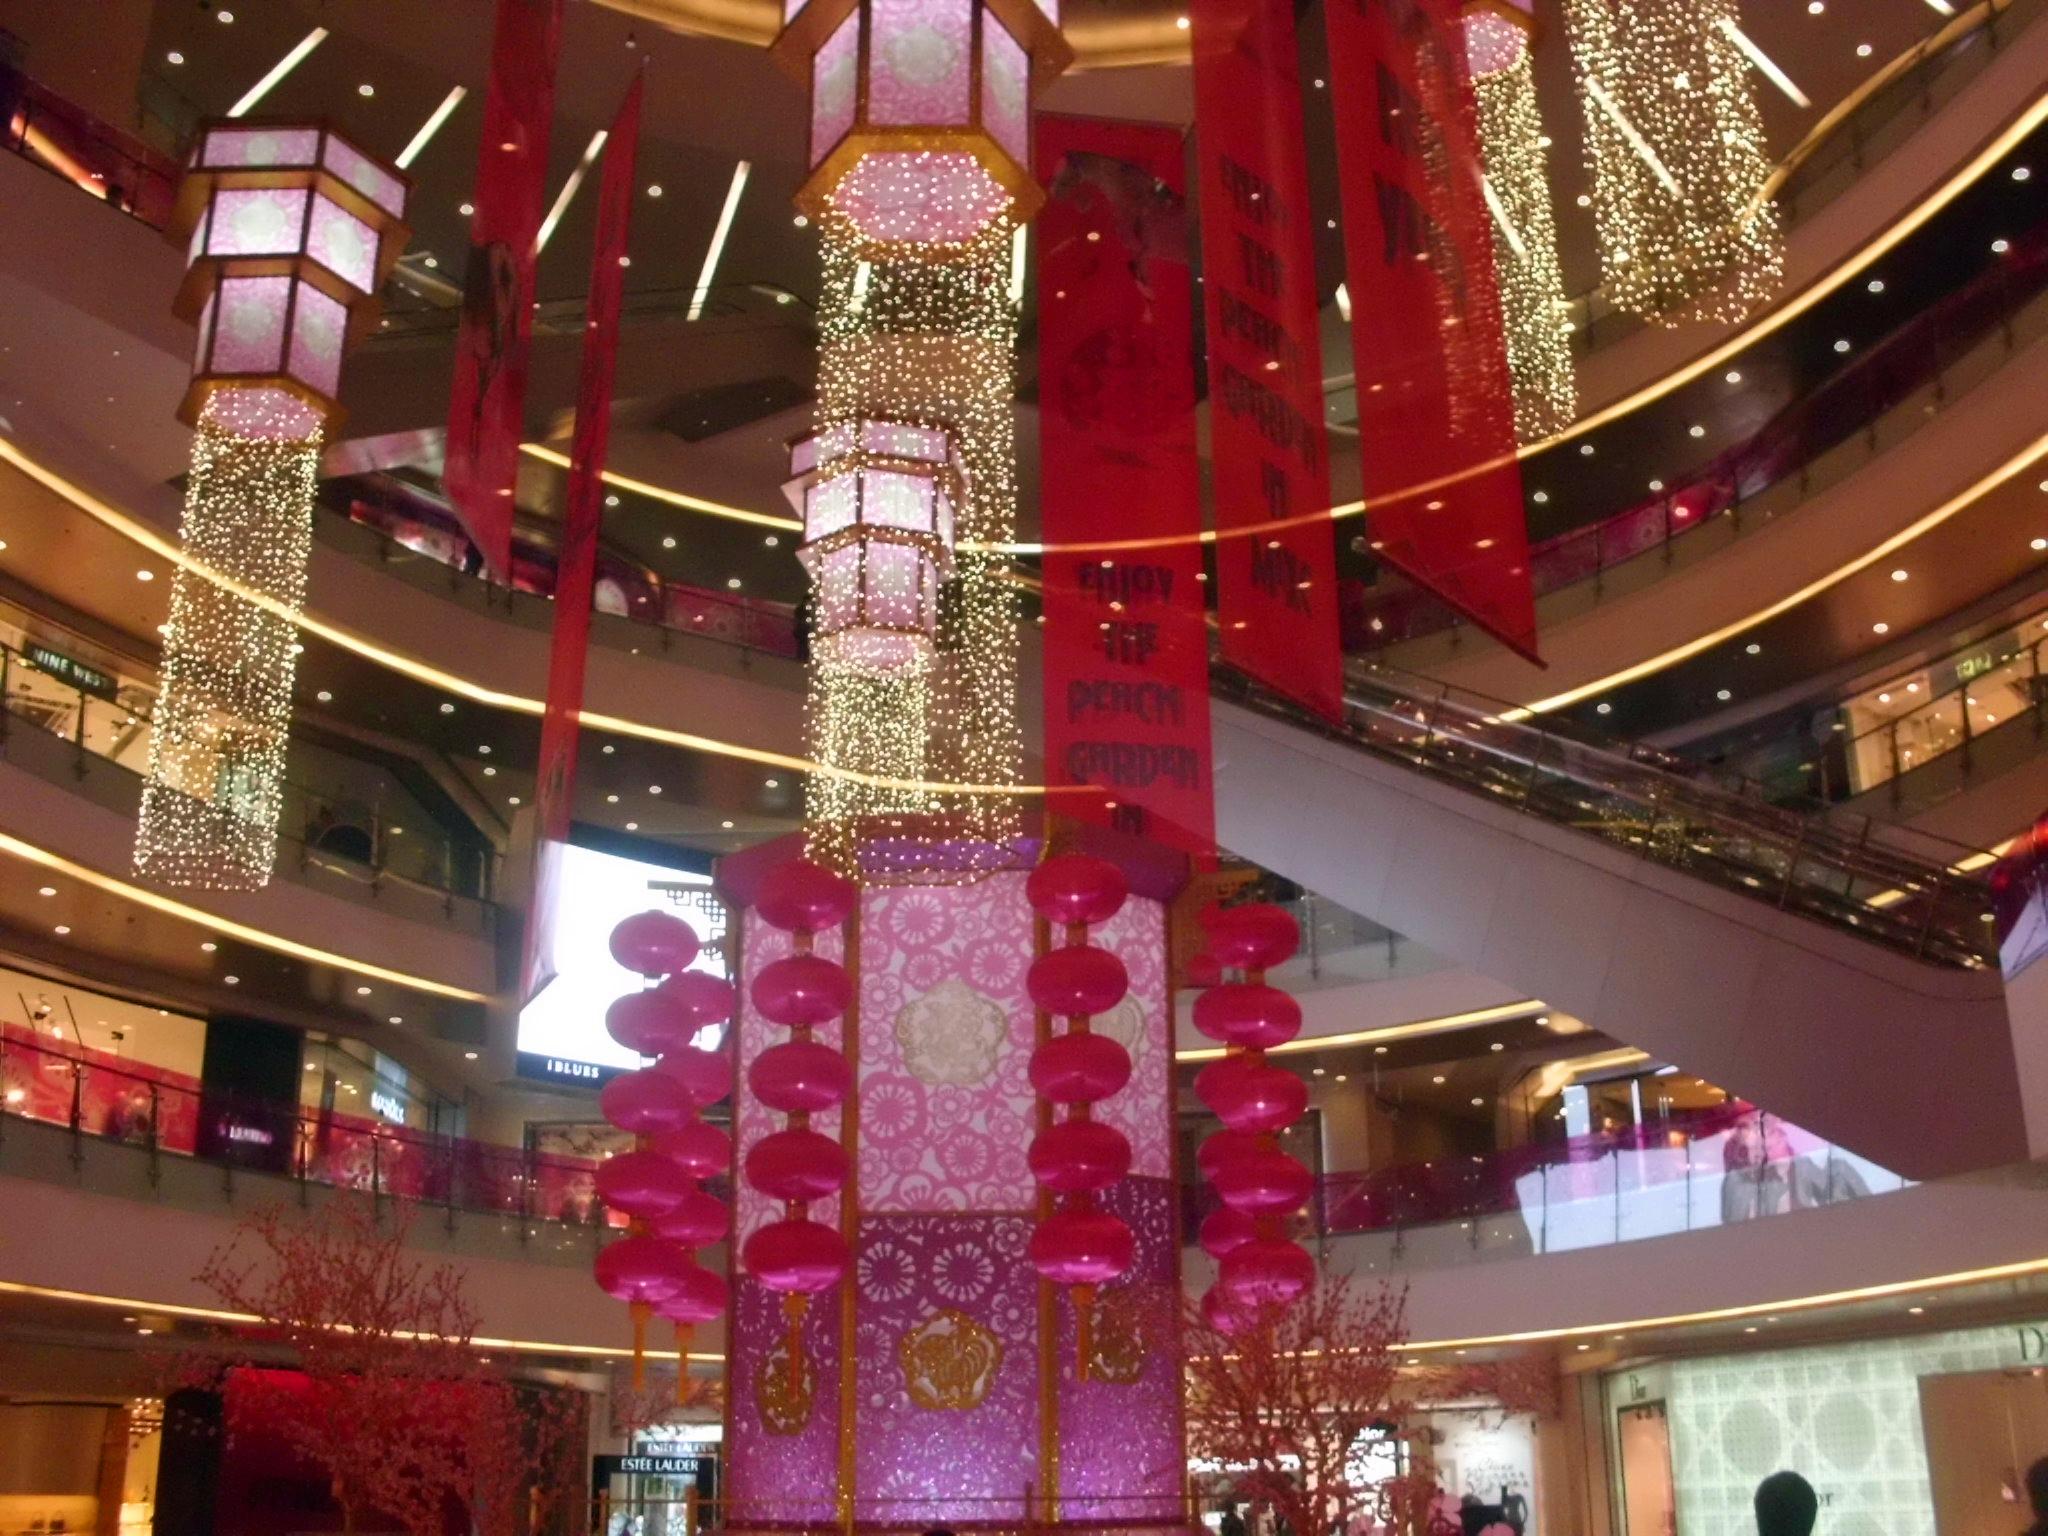 مرکز خرید میکس هانگزو